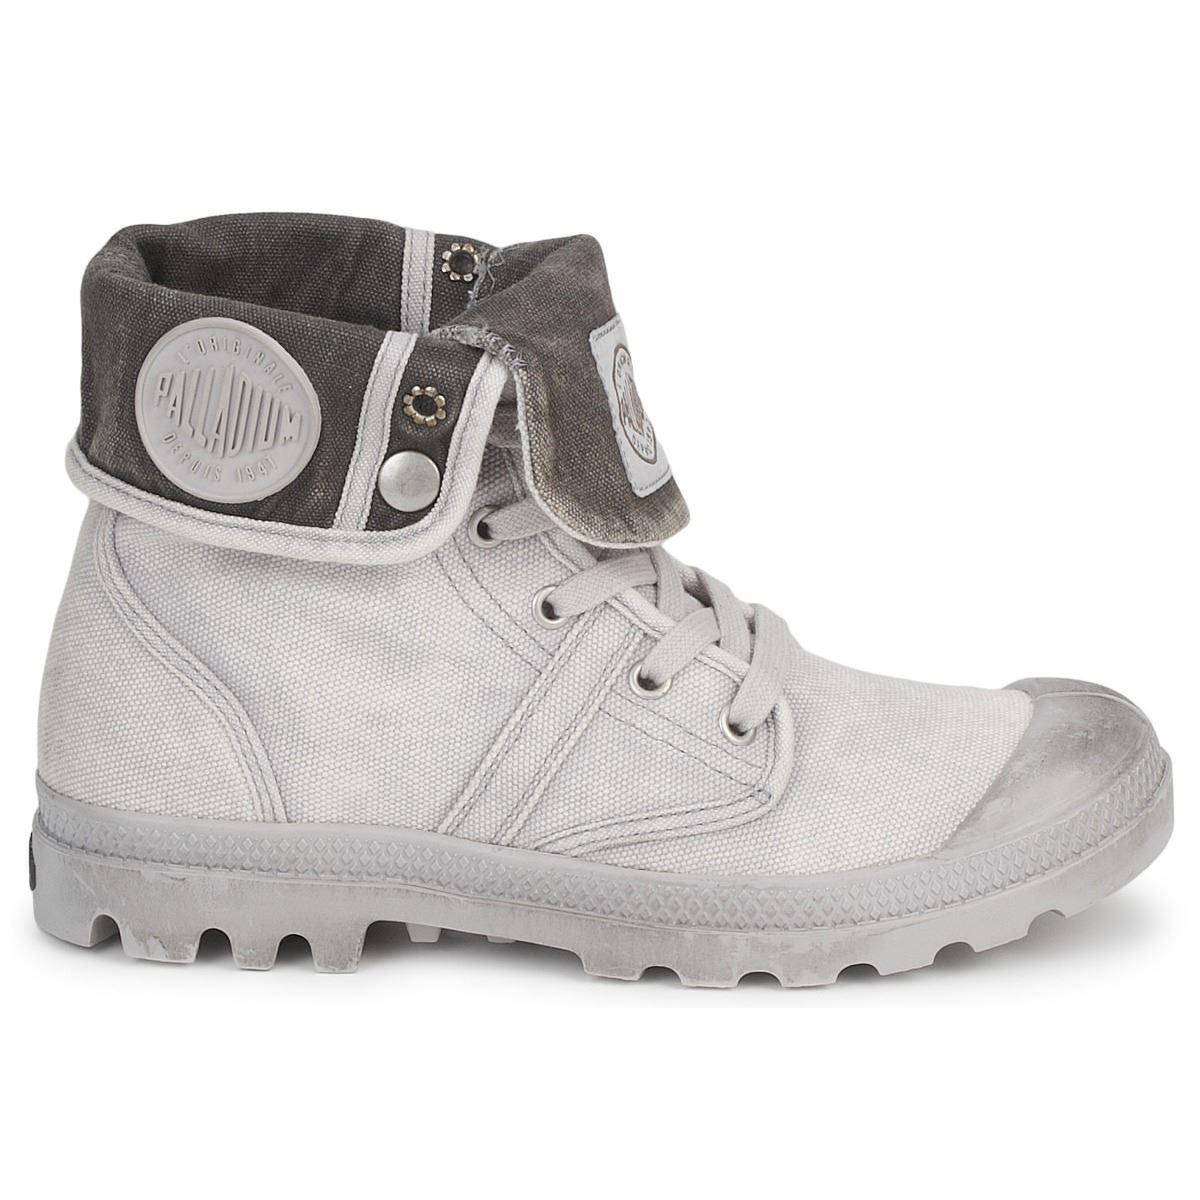 Scarpe casual da uomo  Palladium Pallabrouse Baggy Grigio Sneaker Uomo